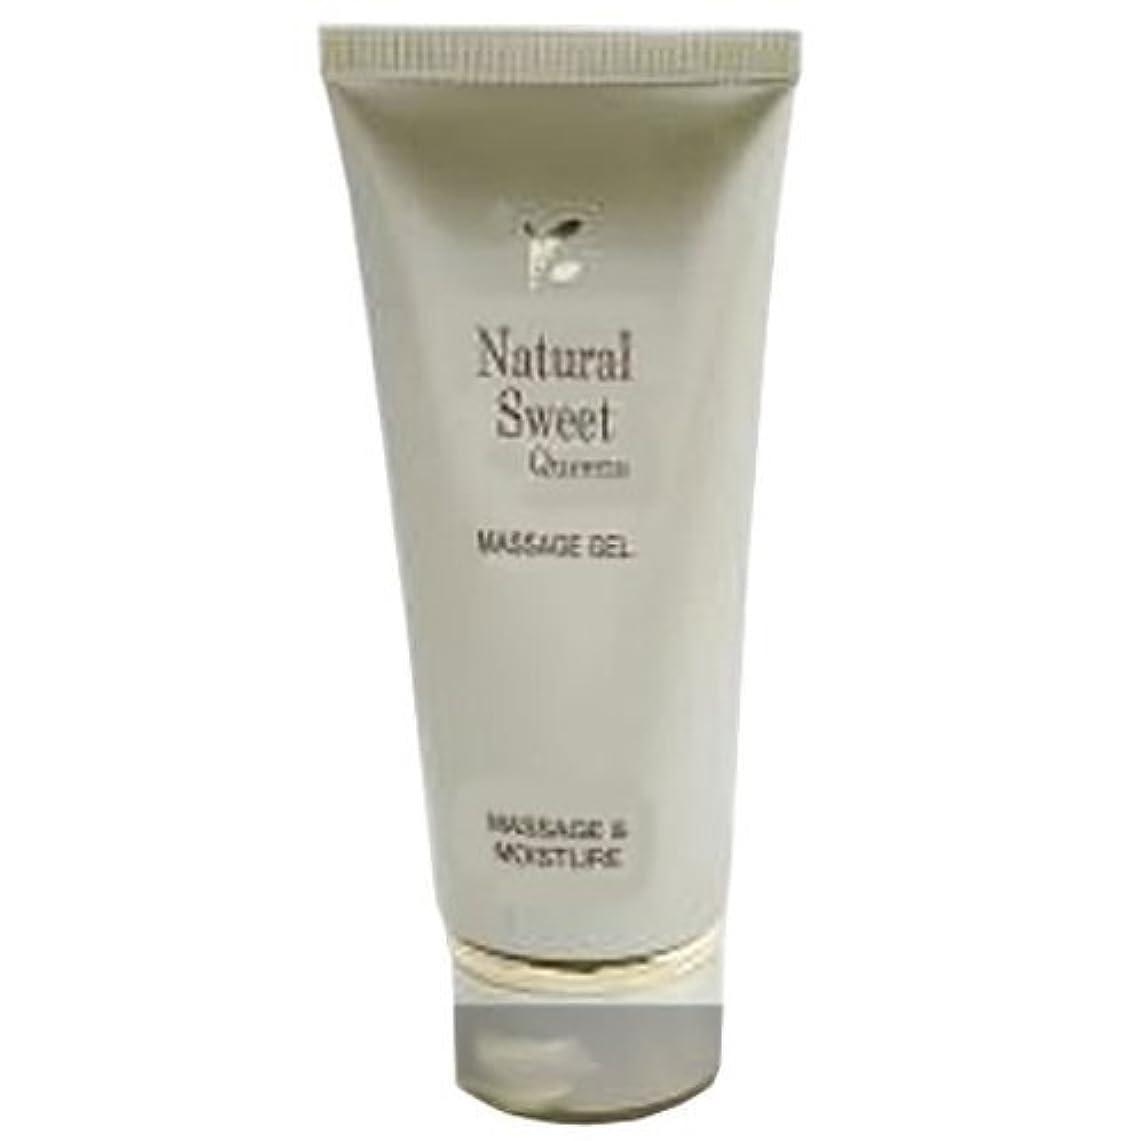 プラスチック物質ファックスジュポン化粧品 ナチュラルスィート クィーンス マッサージジェル 120g